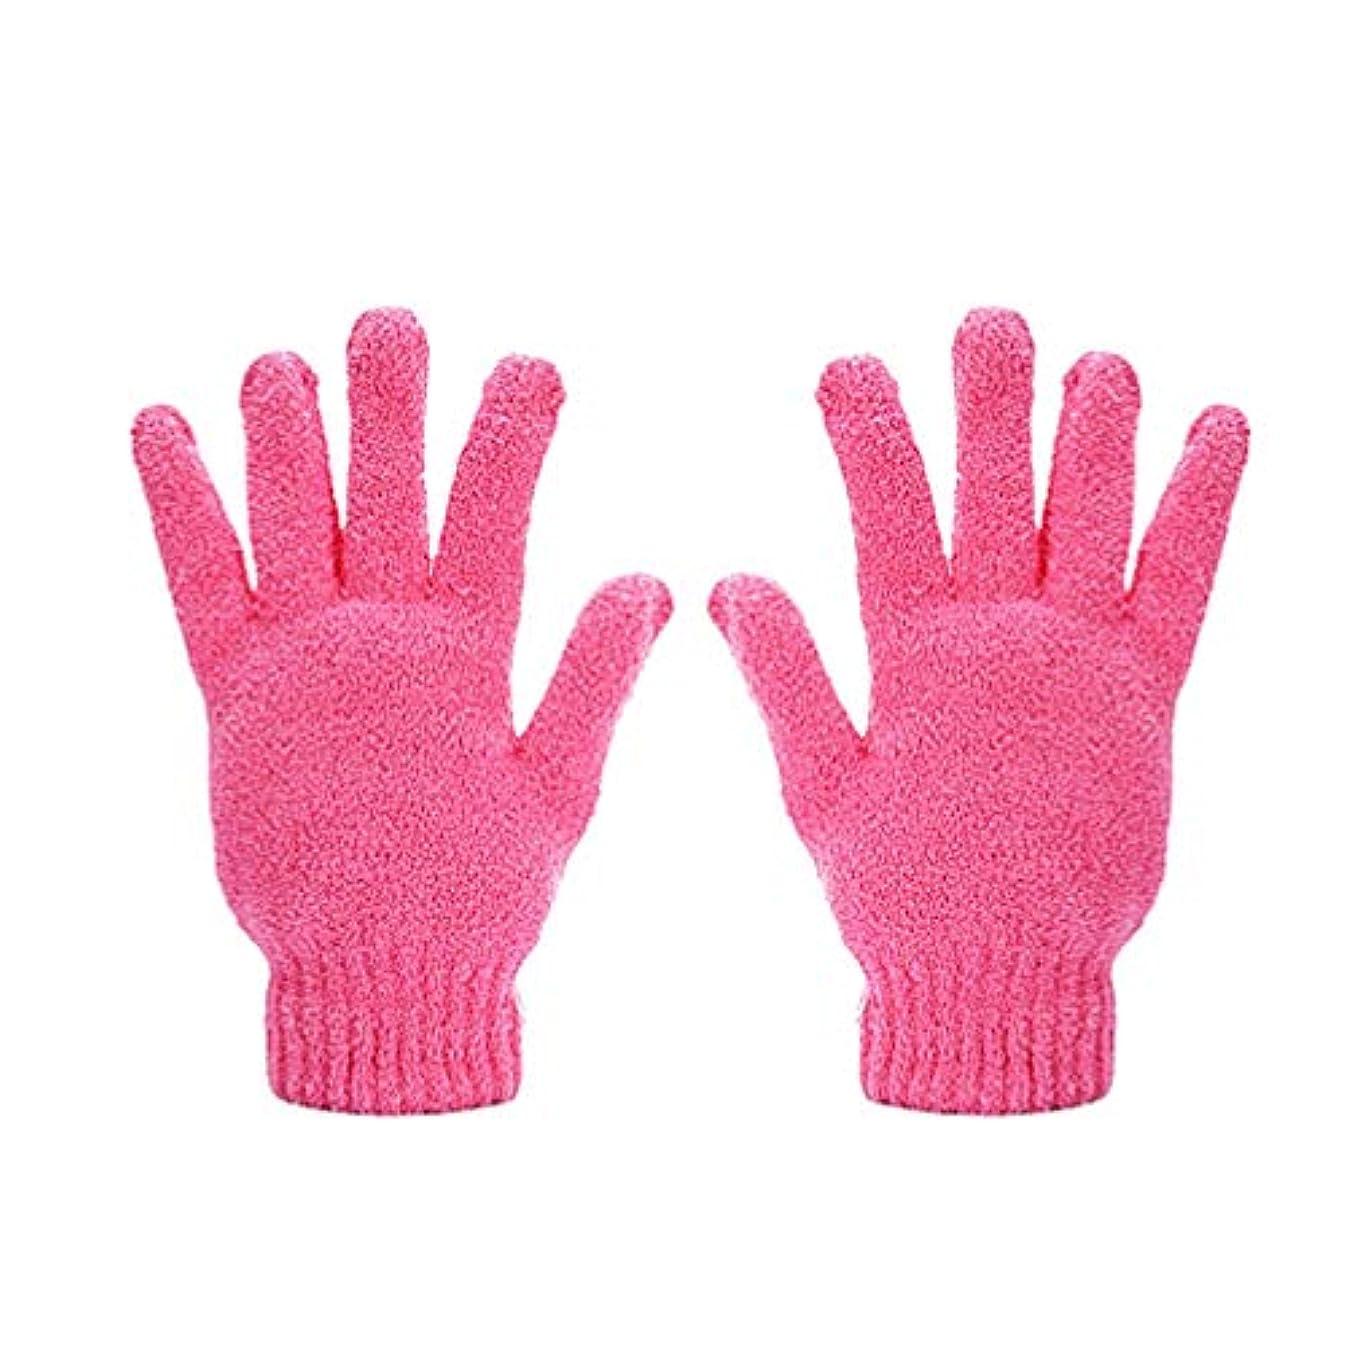 民族主義測定可能倒錯Minkissy 2本の乾燥手袋耐久性のある吸水5本指乾燥手袋女性男性用ヘアドライヤー用品(ピンク)